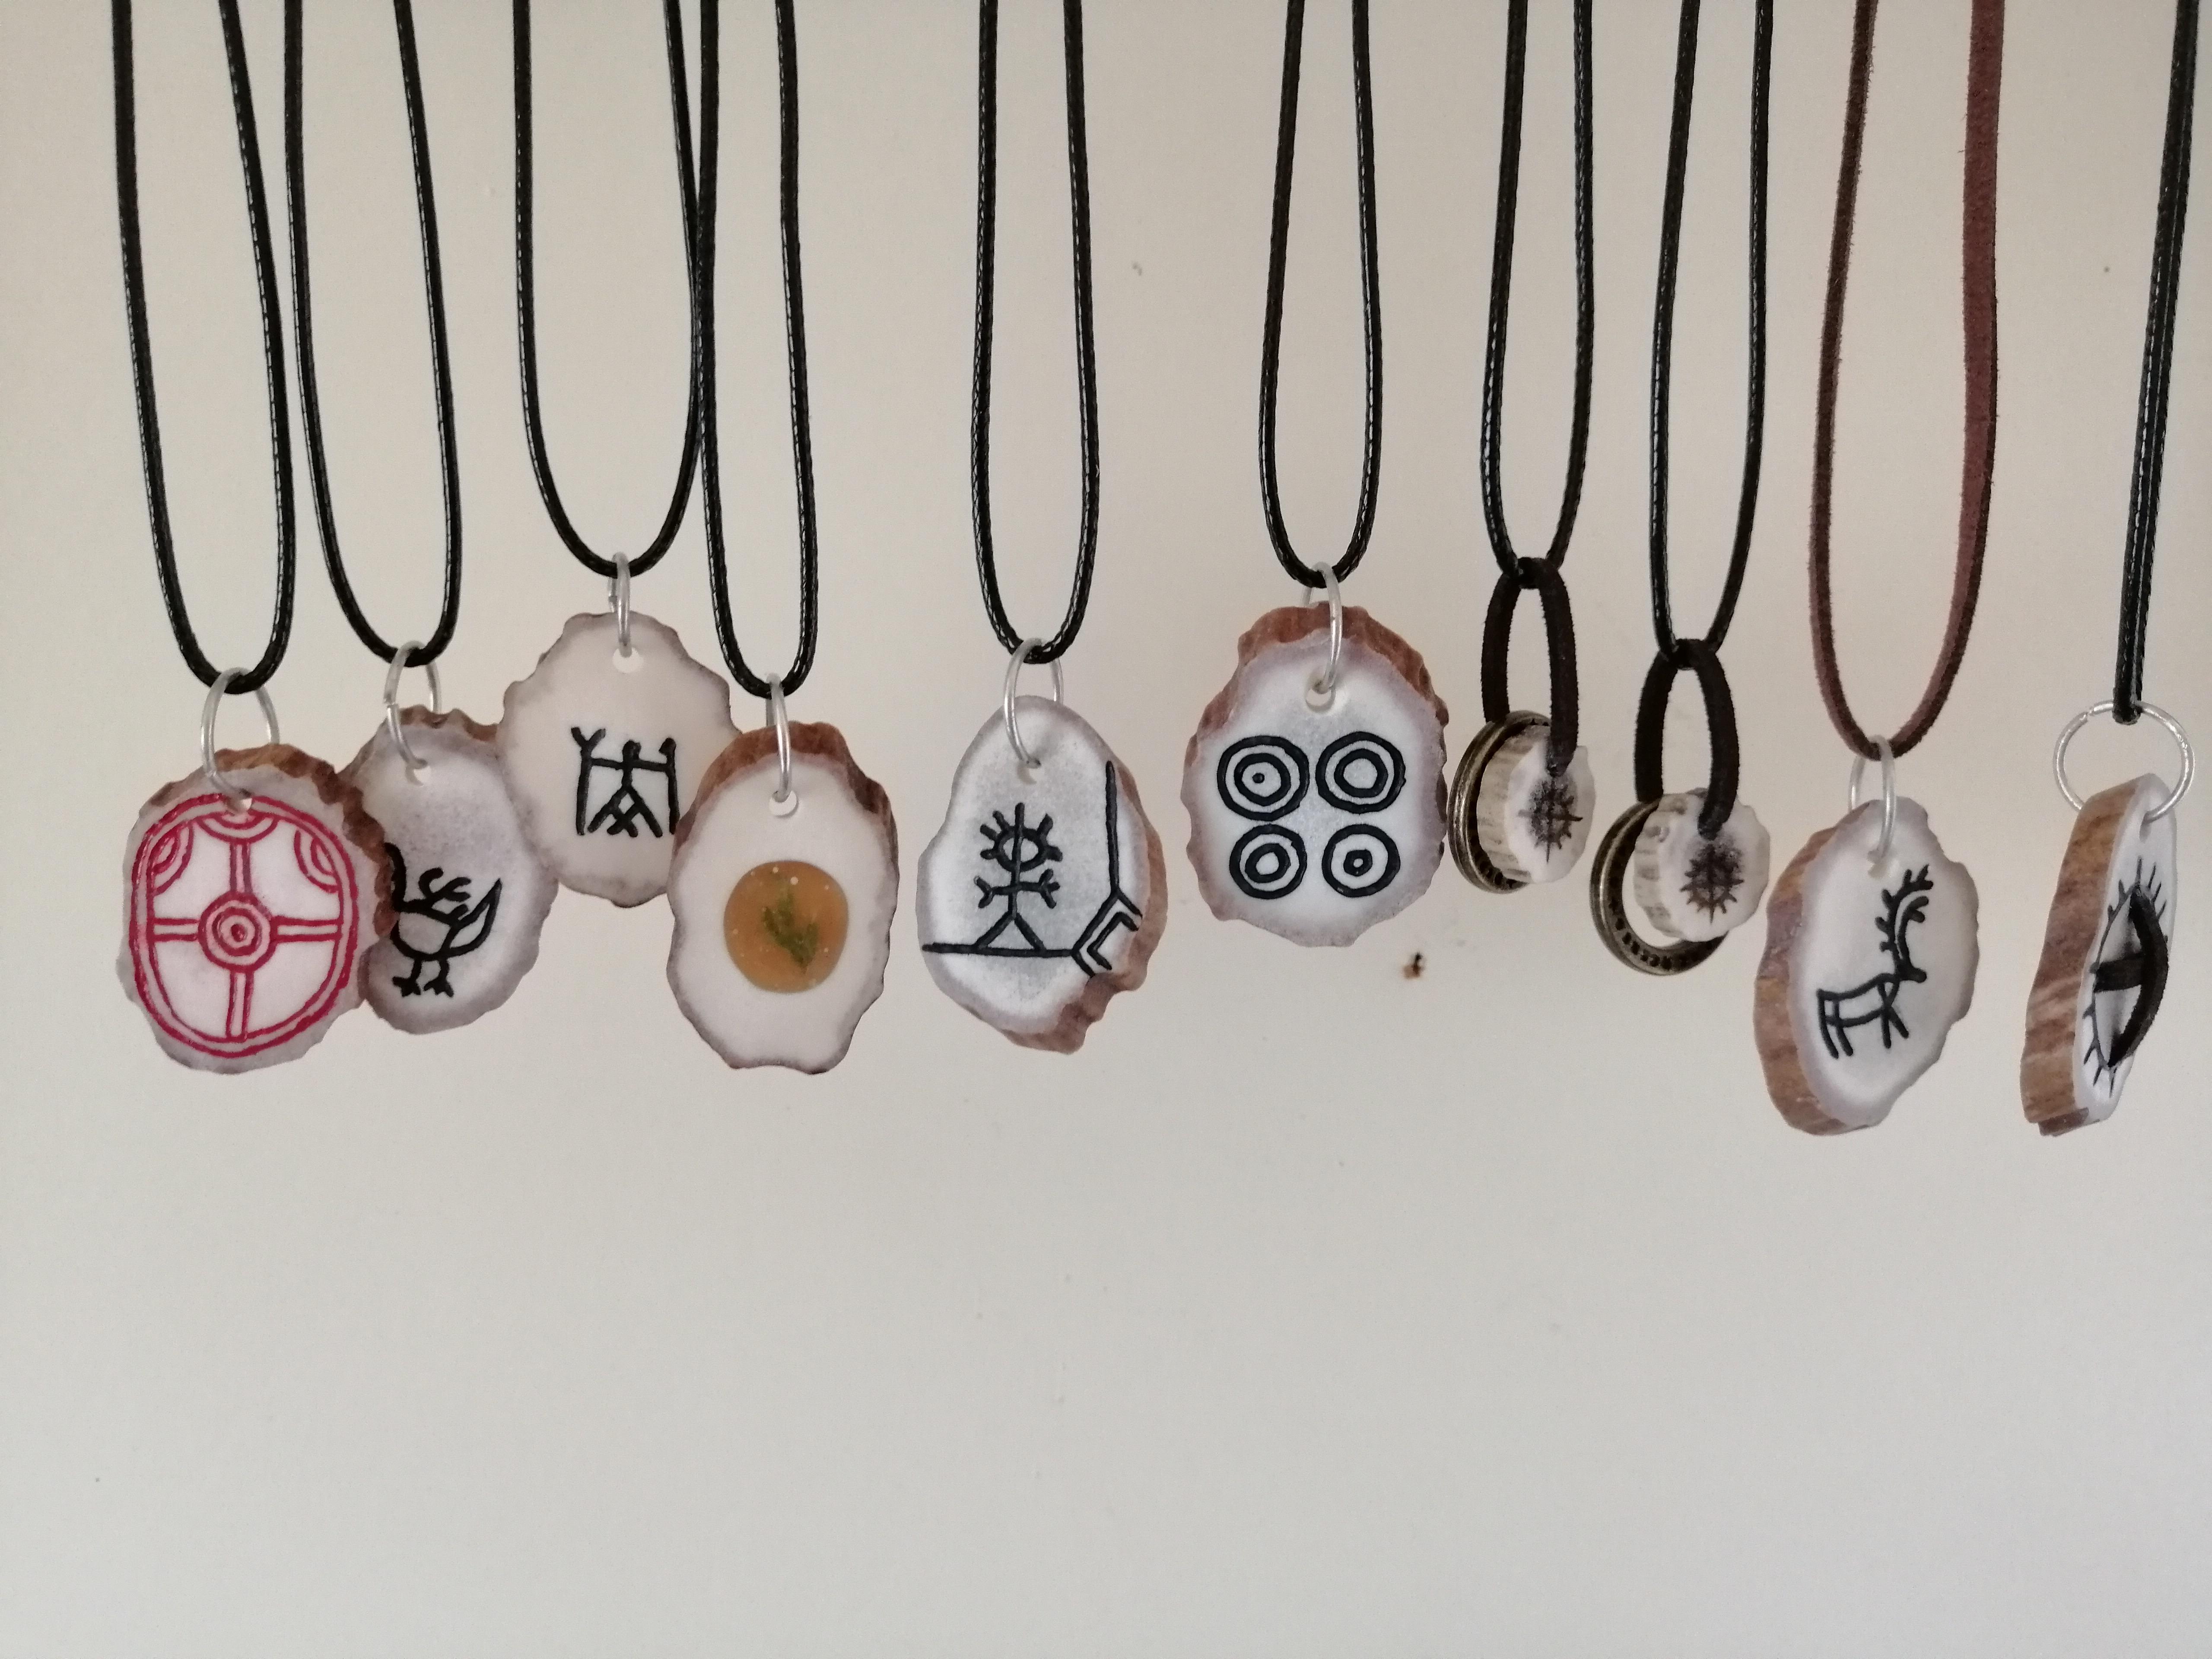 Ni smykker i reinhorn inngraverte figurer hengende fra lærreimer i museumsbutikken på Kokelv Sjøsamiske Museum